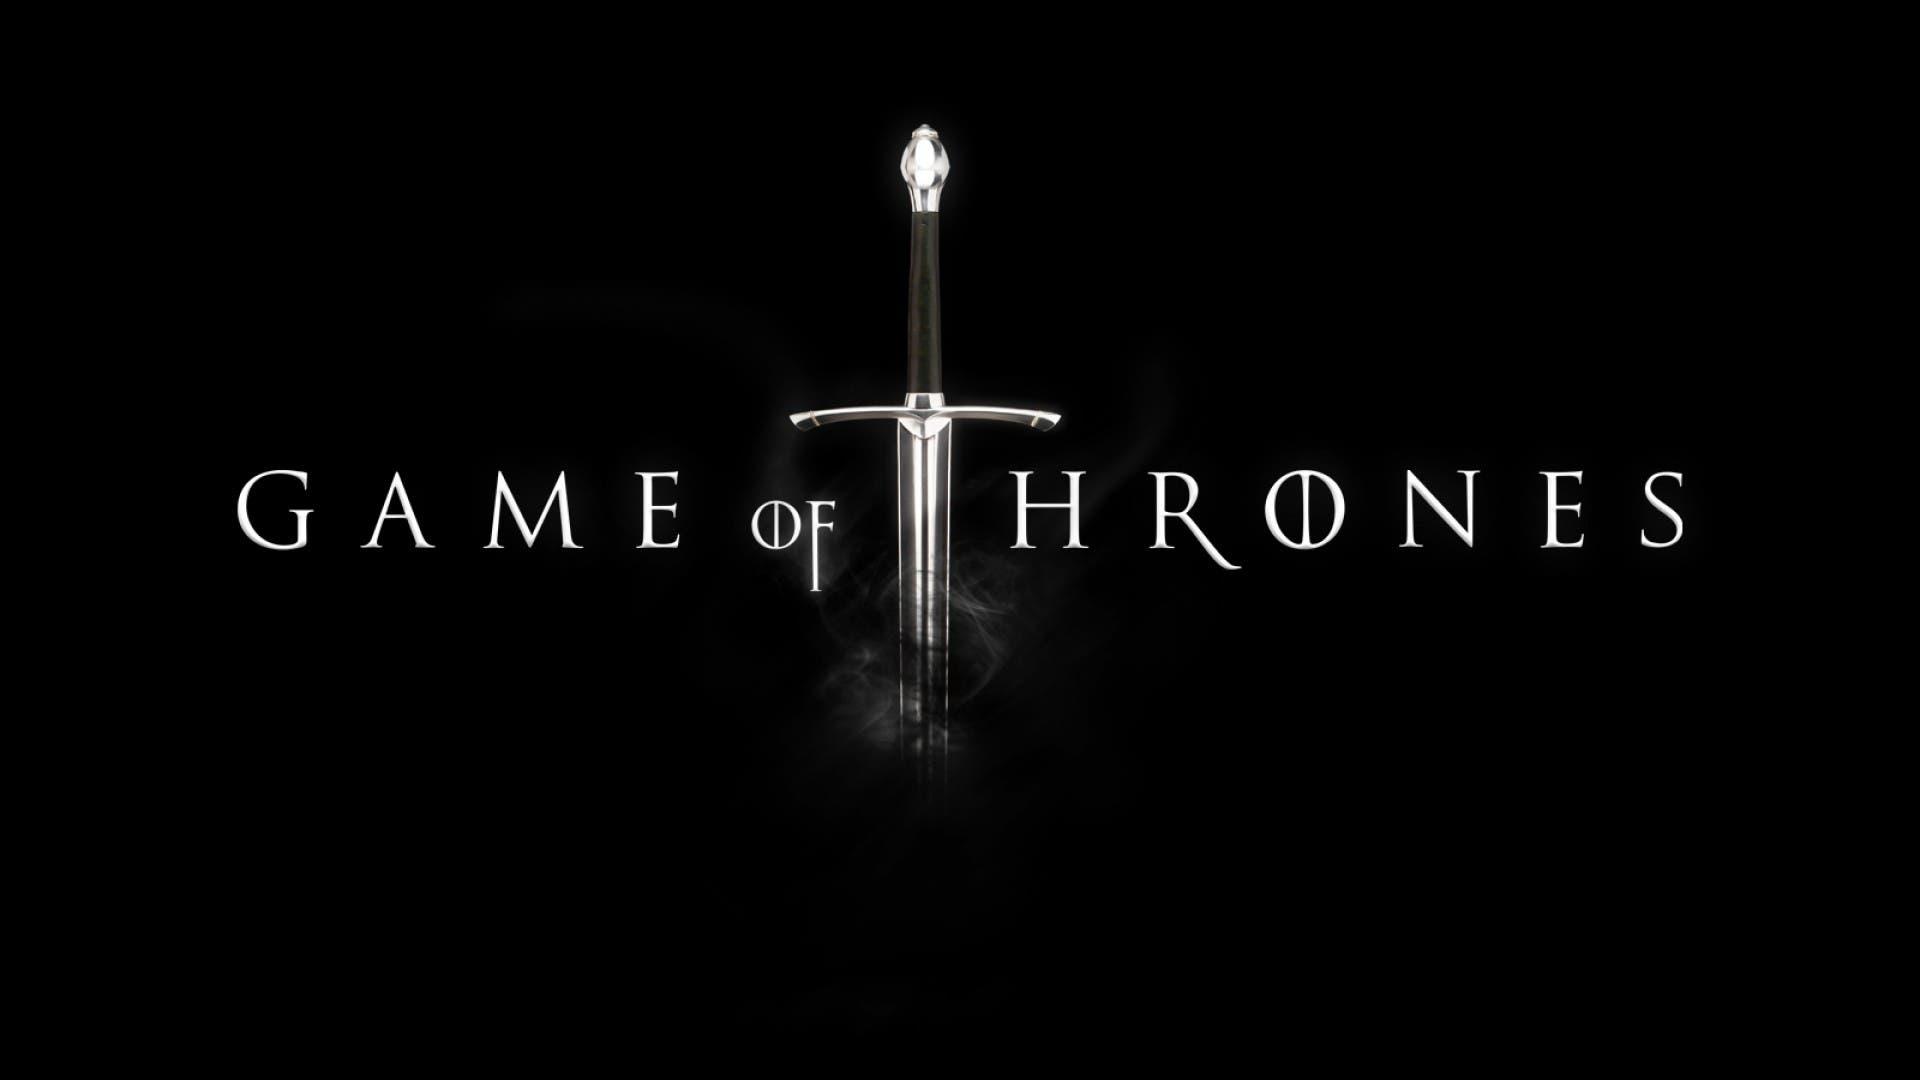 La 1ª temporada de Juego de Tronos llega en formato físico y con regalos a GAME 1